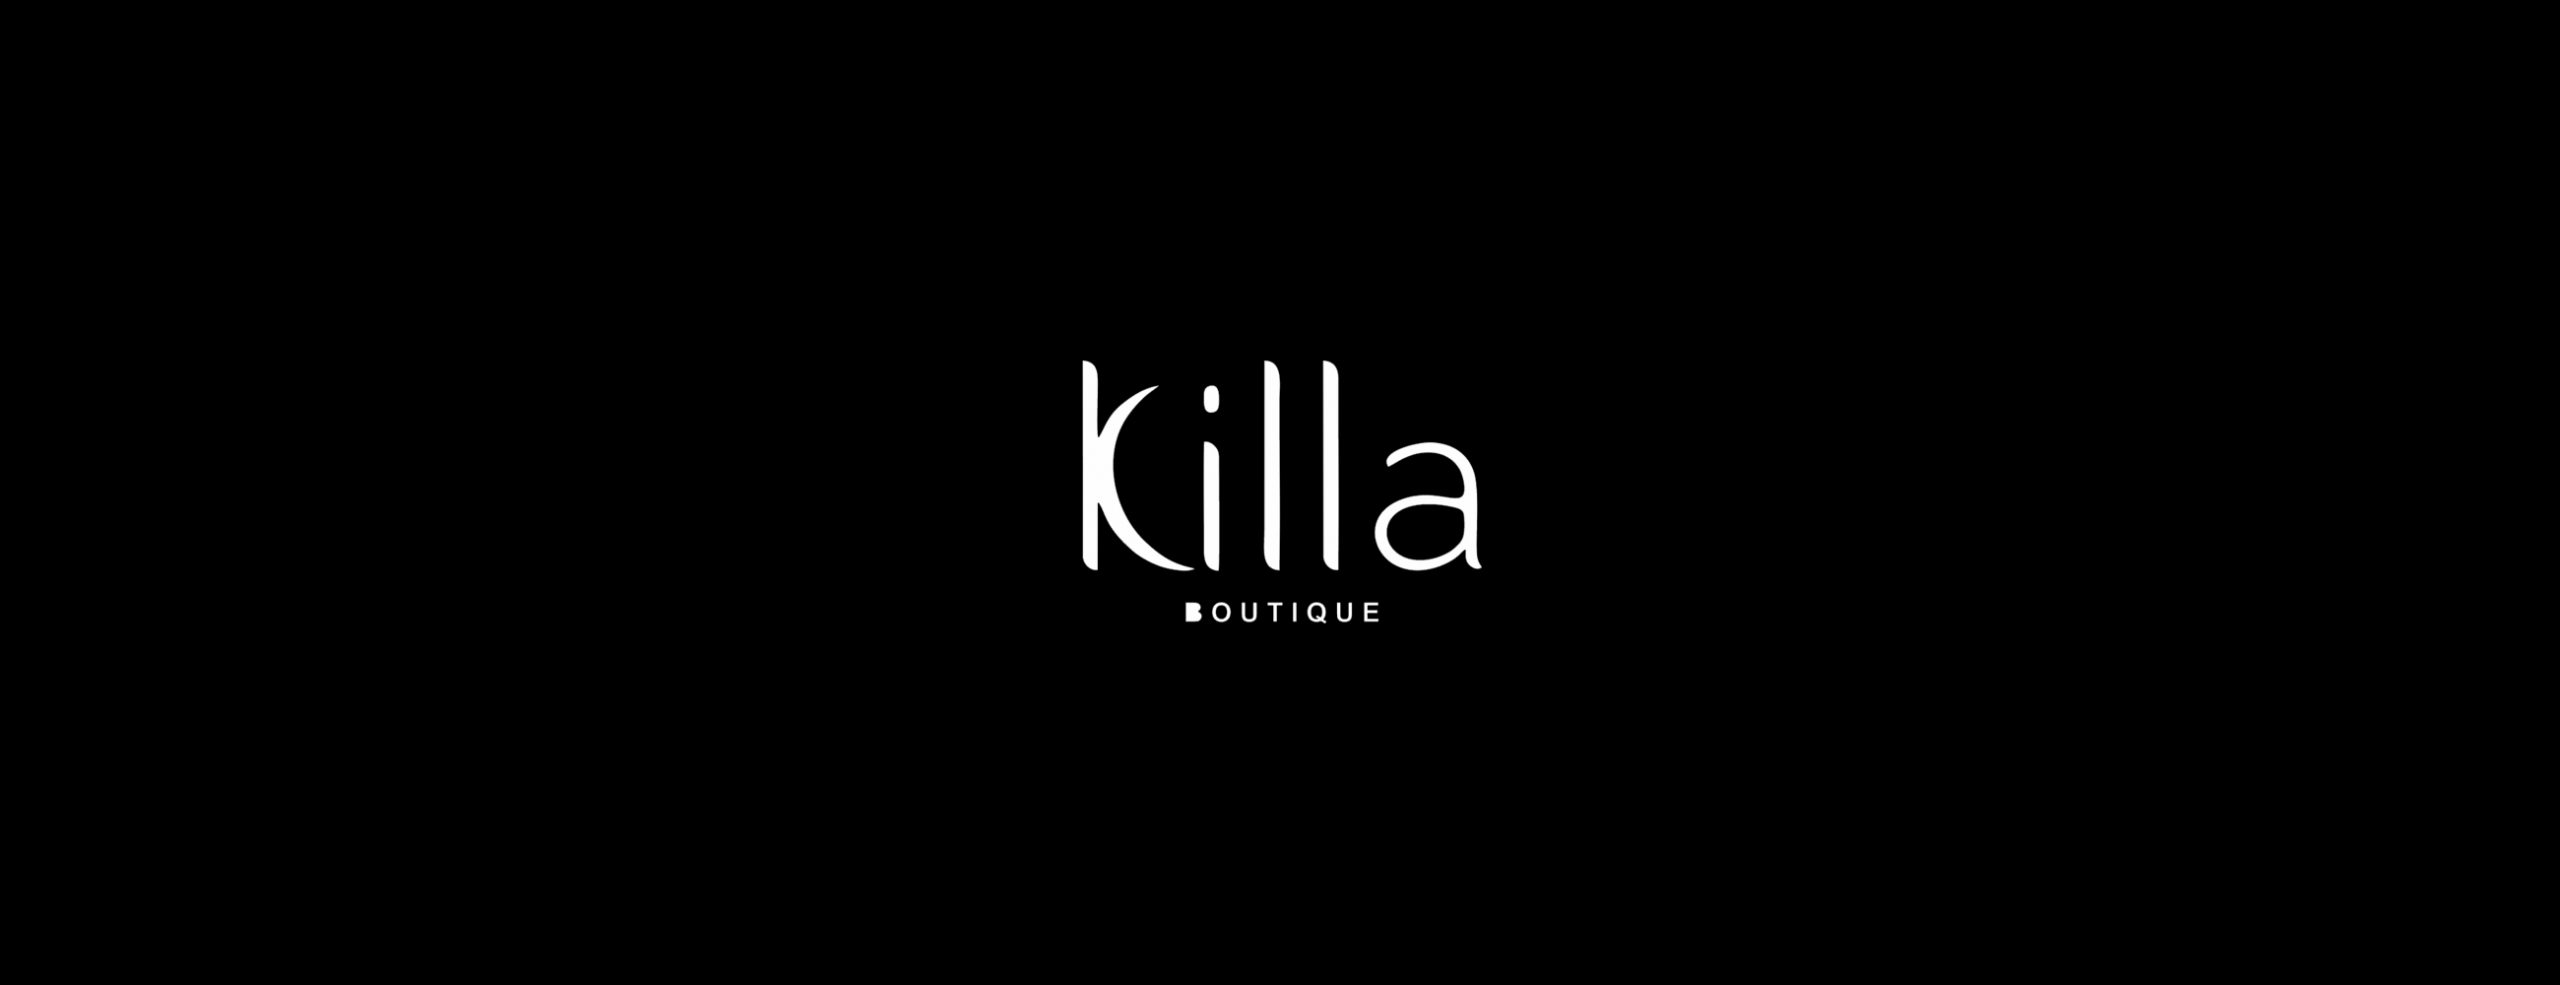 Killa Boutique